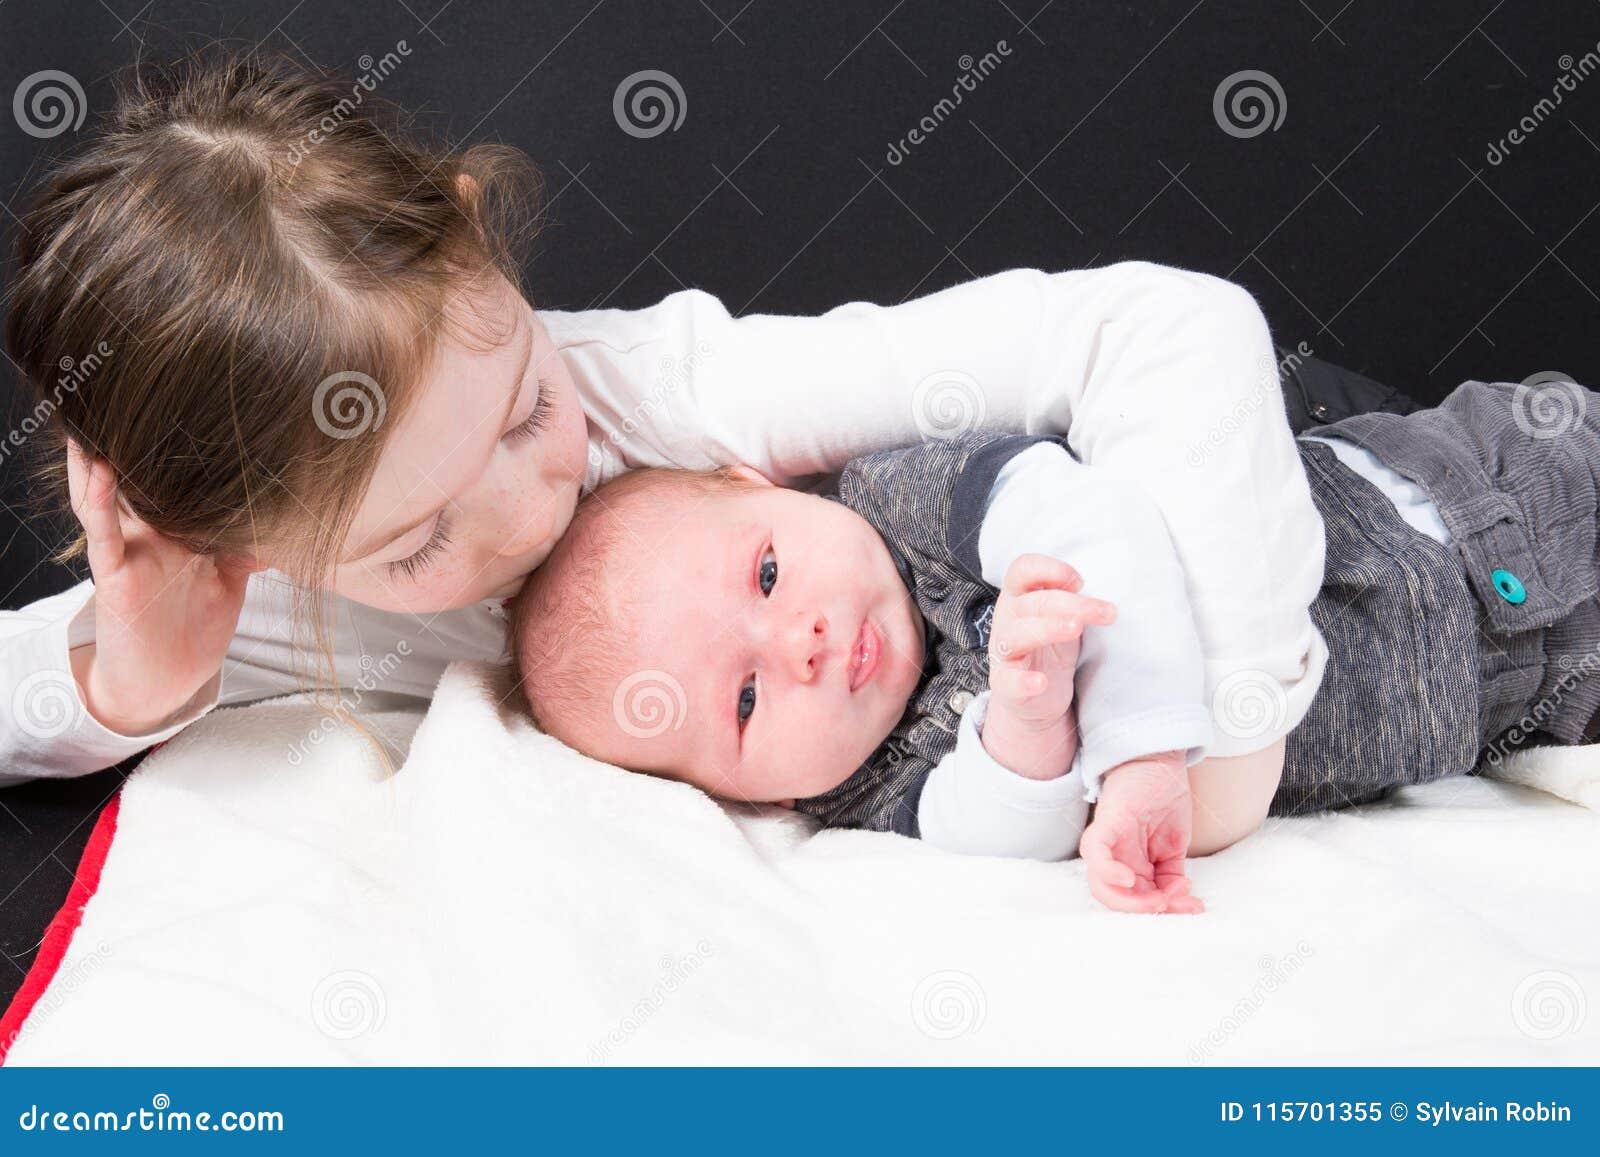 Hermana que besa su niña pequeña del niño del pequeño hermano y bebé recién nacido en el concepto de vida familiar